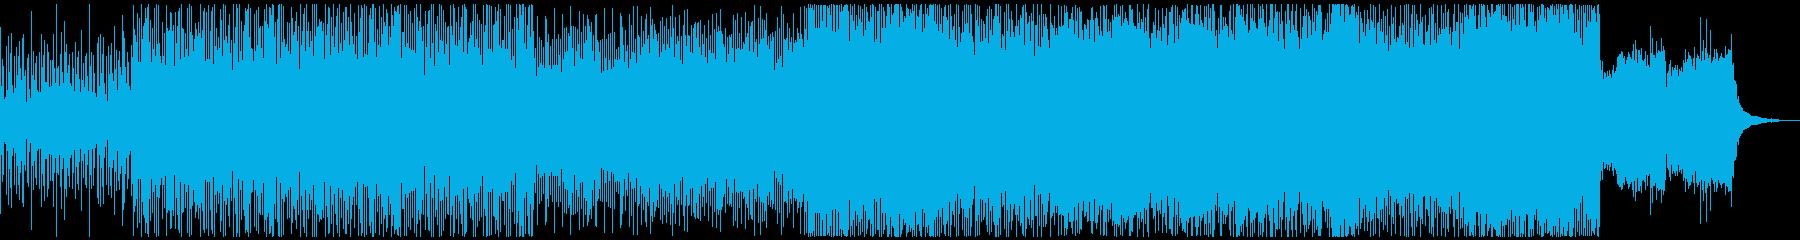 疾走するビート、重厚なシンセ音の再生済みの波形